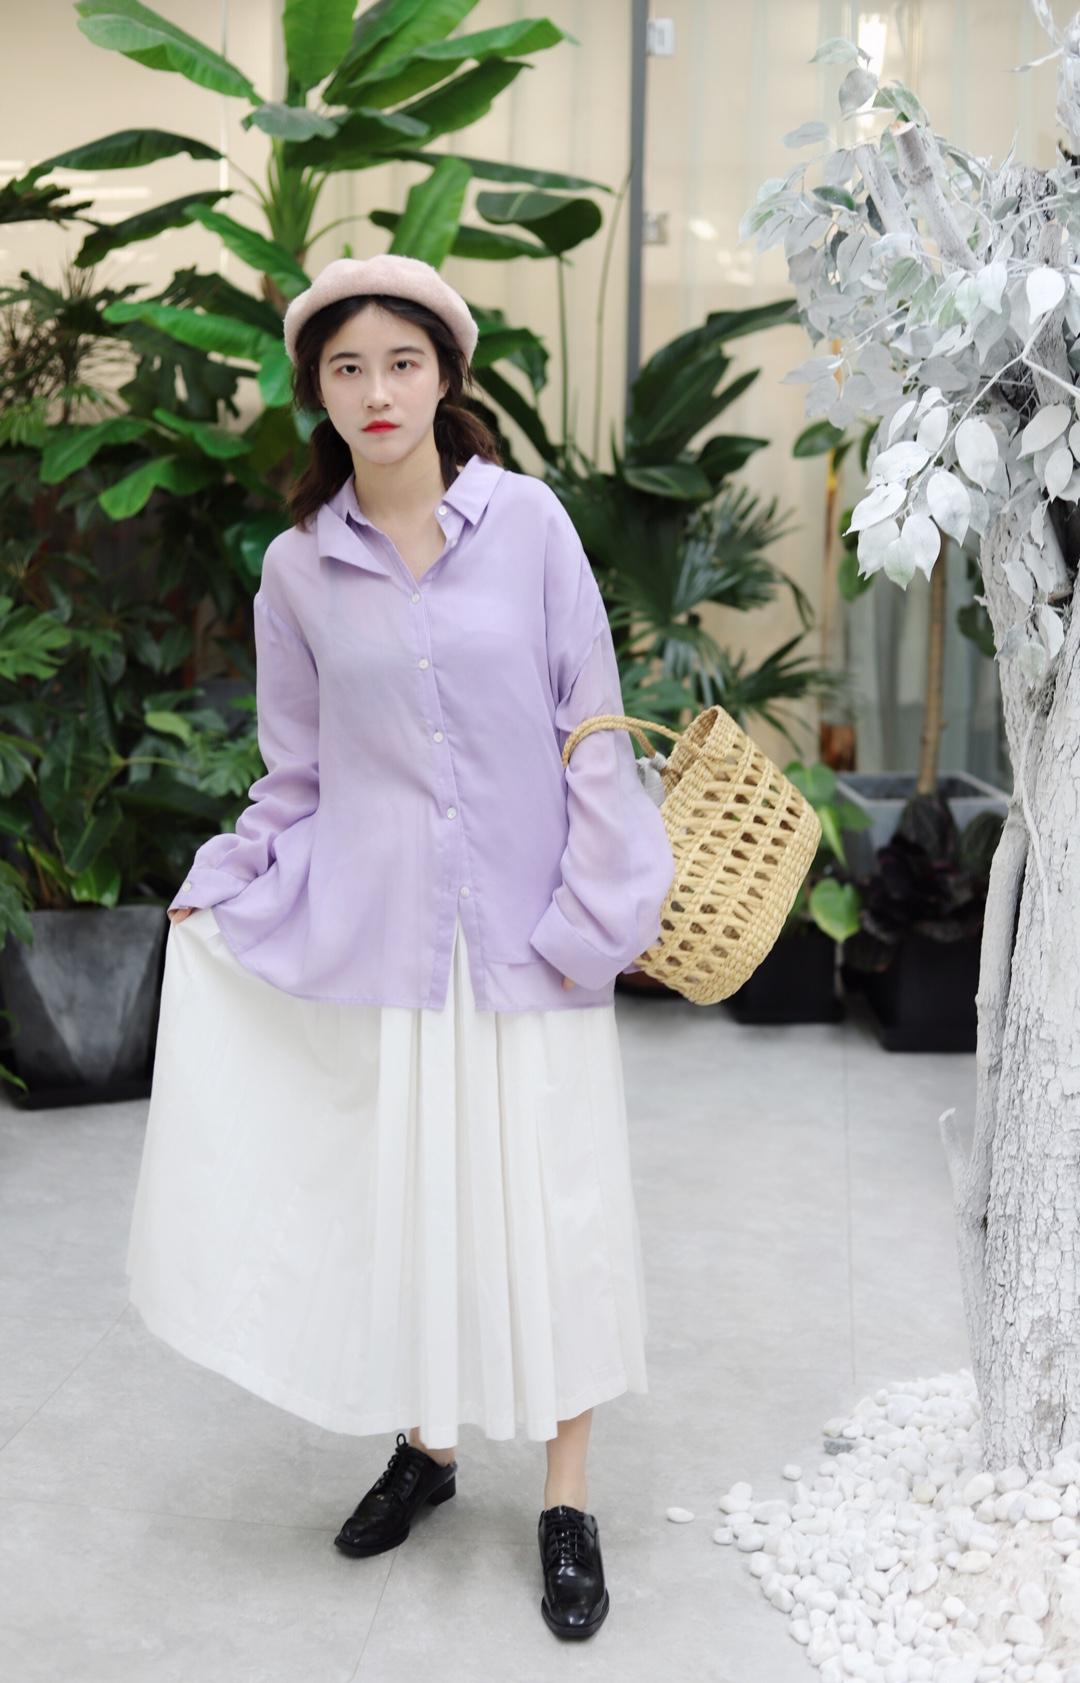 上身搭配一件紫色的雪纺衬 超级舒服的哦 而且很显肤色哦 下身搭配一条白色的半身百褶裙 超级百搭的哦 头上戴一顶粉色的贝雷帽 手上拎一个编织手拎包 脚上搭配一双黑色的皮鞋 这样一身搭配就很好看很甜哦 衬衫:0127 裙子:独立虫 帽子:四季青 #我的夏天够瘦够美够清凉#